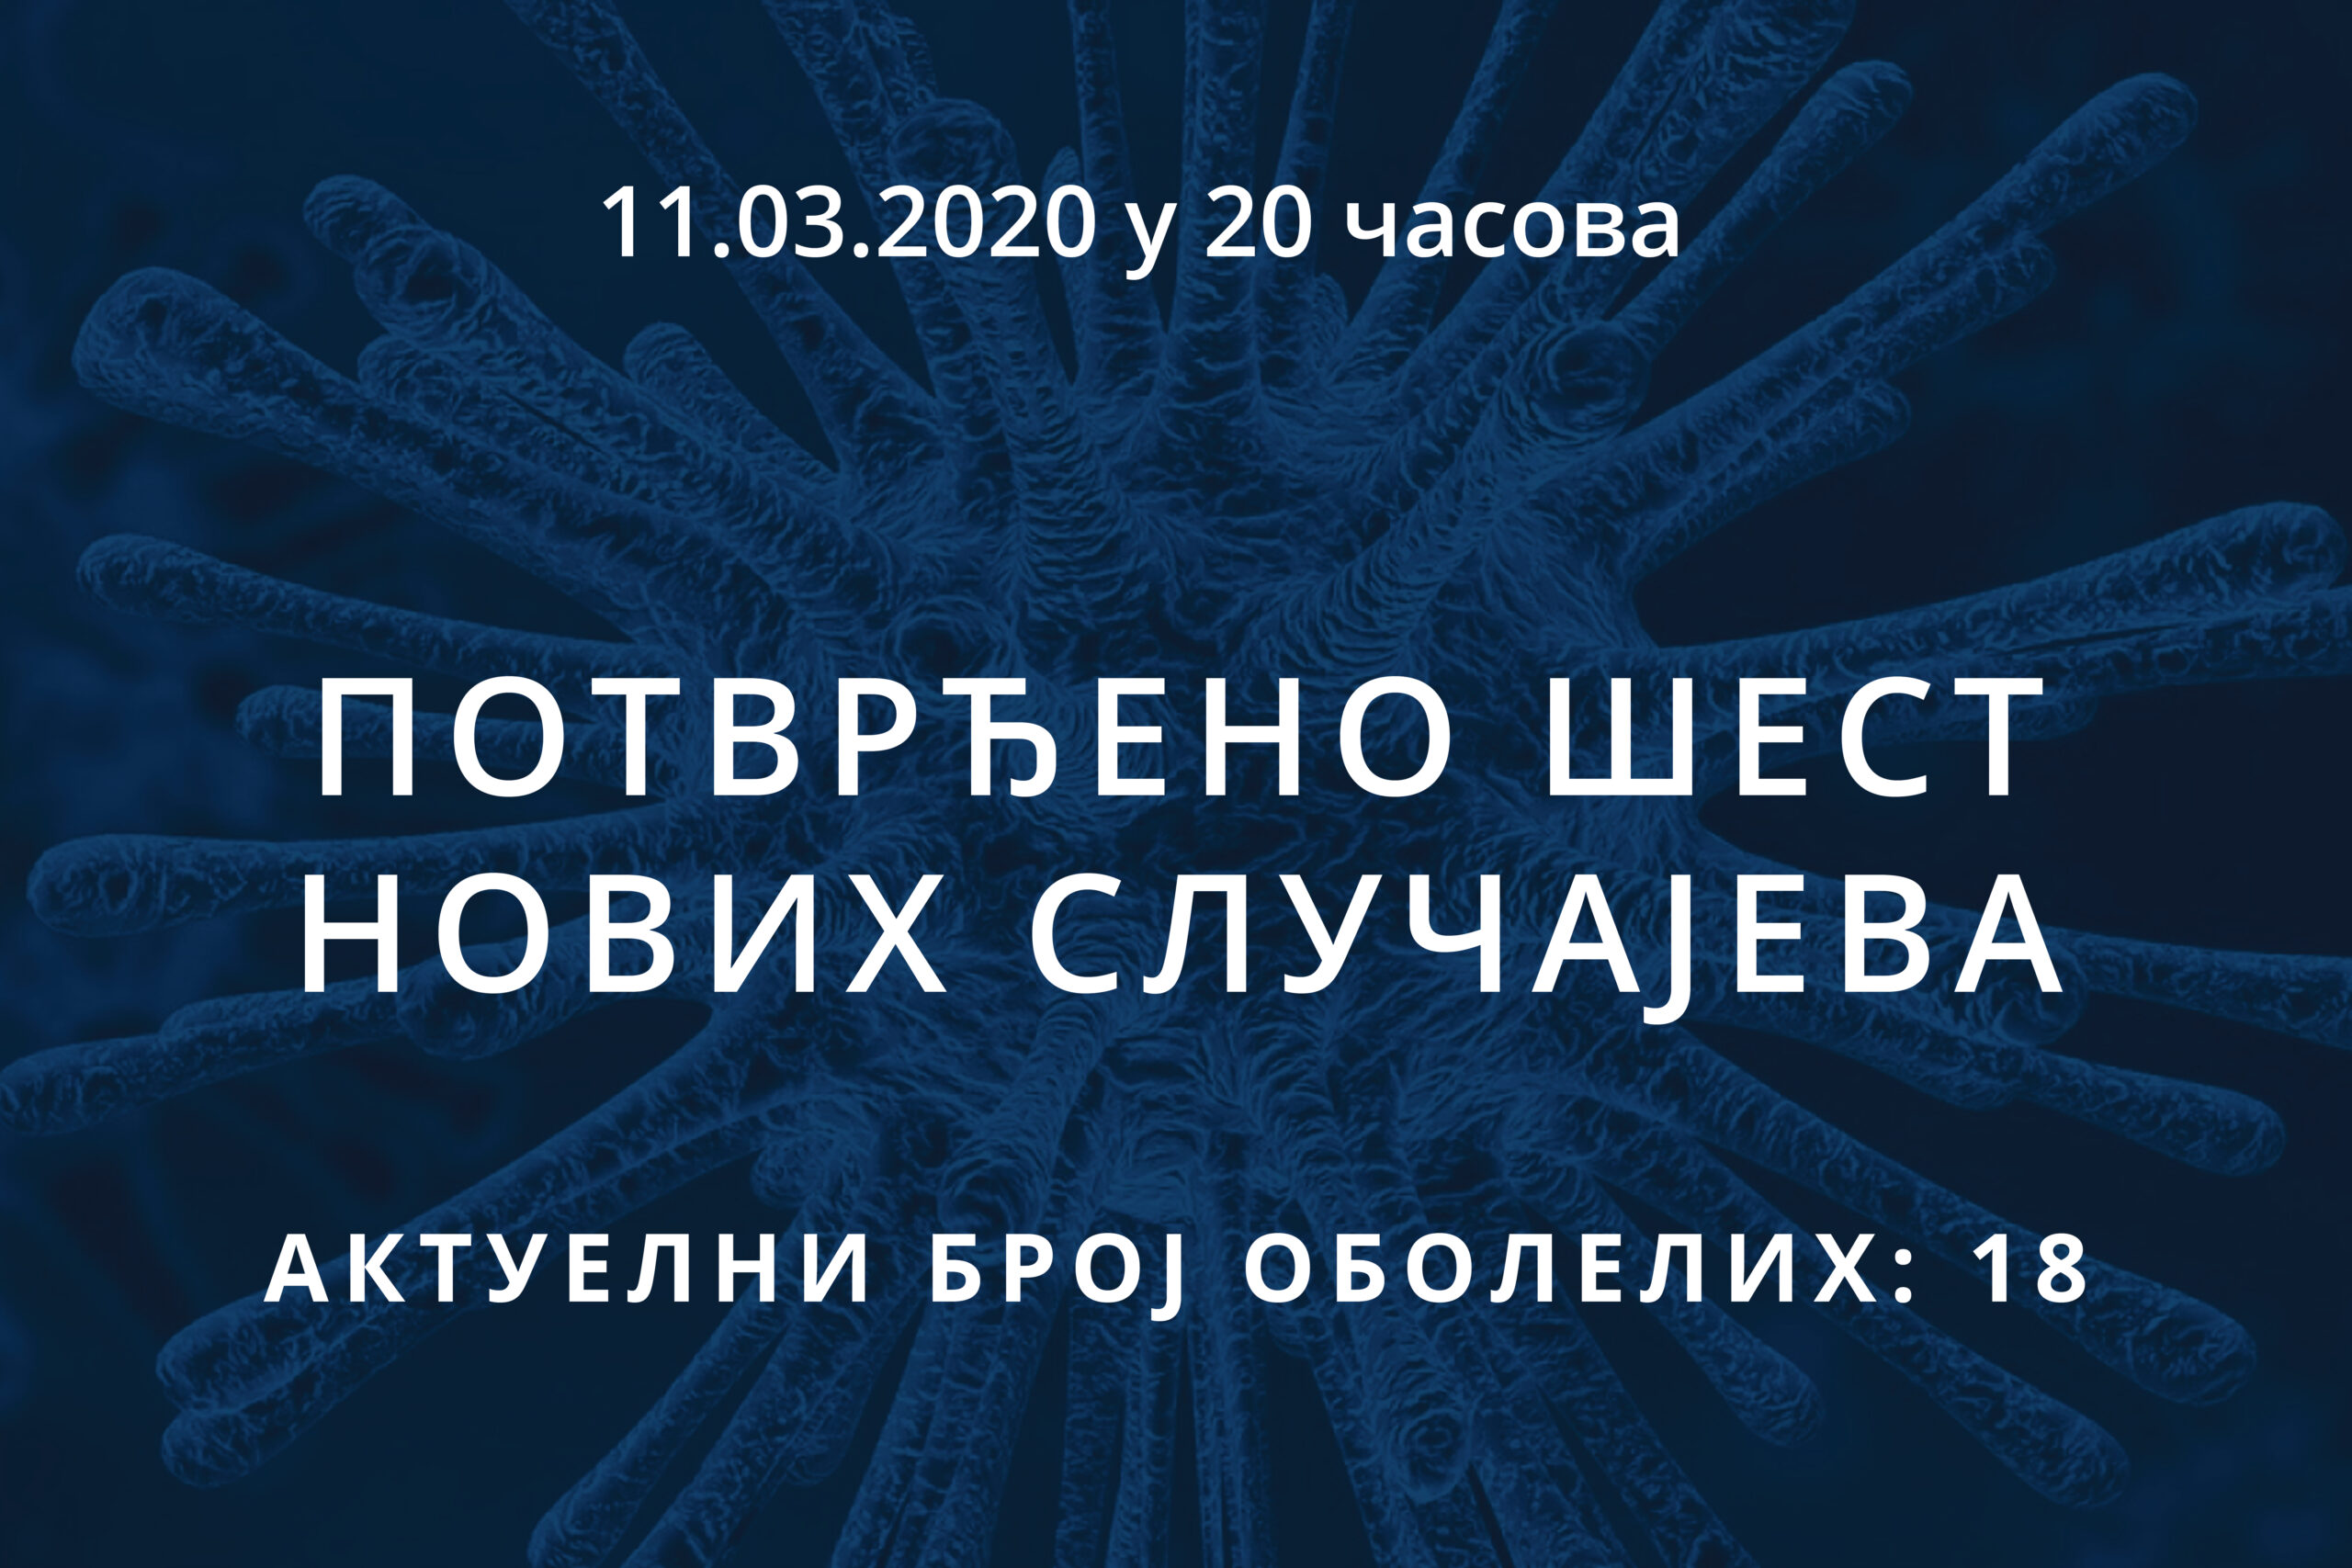 Информације о корона вирусу COVID-19, 11.03.2020 у 20 часова